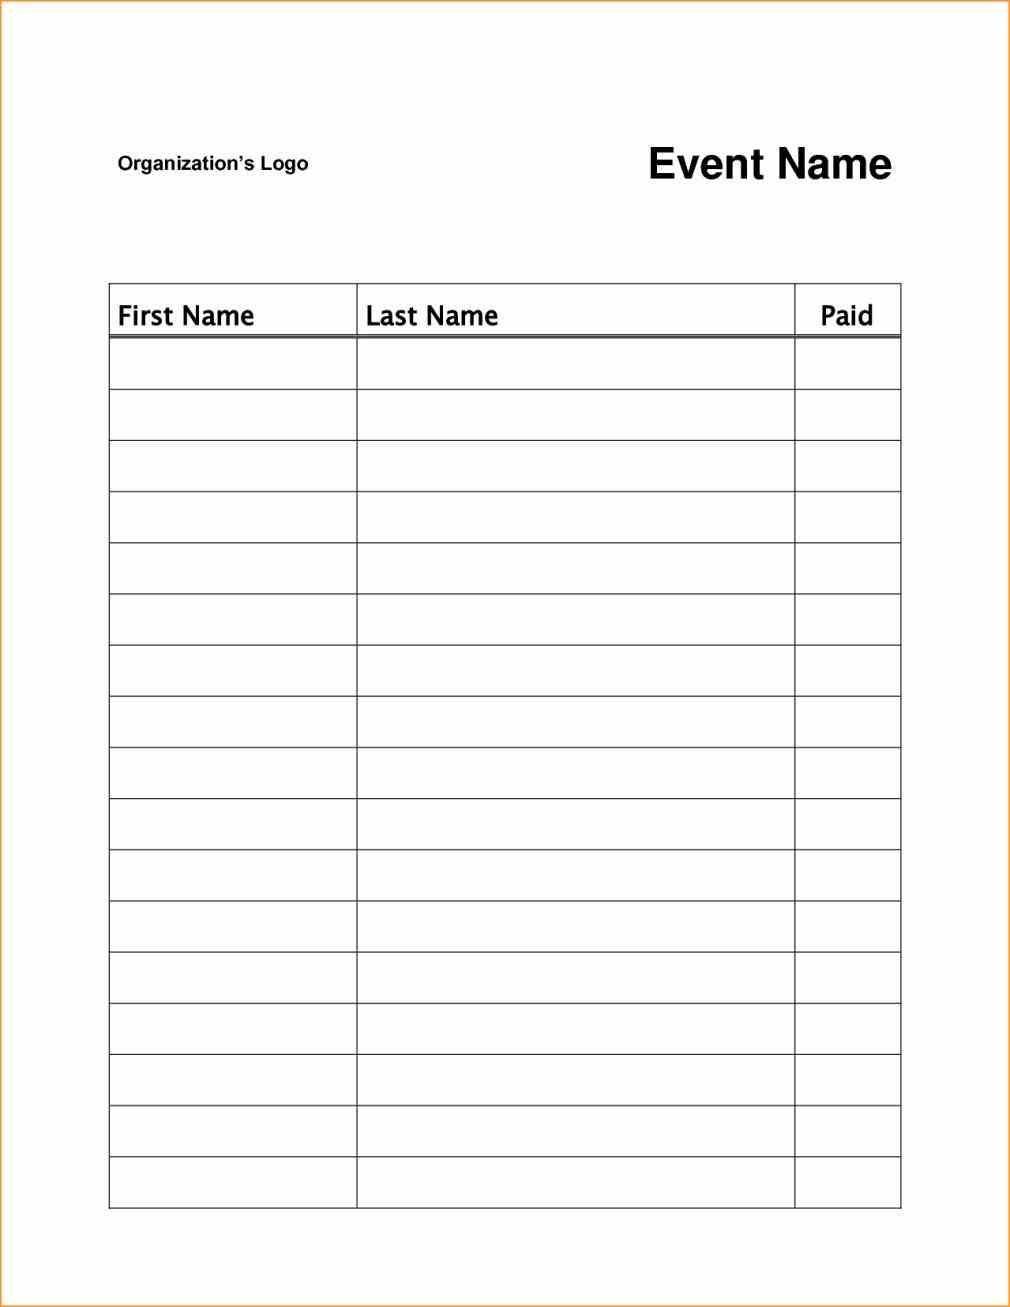 Free Printable Volunteer Sign Up Sheet Pdf From Vertex42 Regarding - Free Printable Volunteer Forms